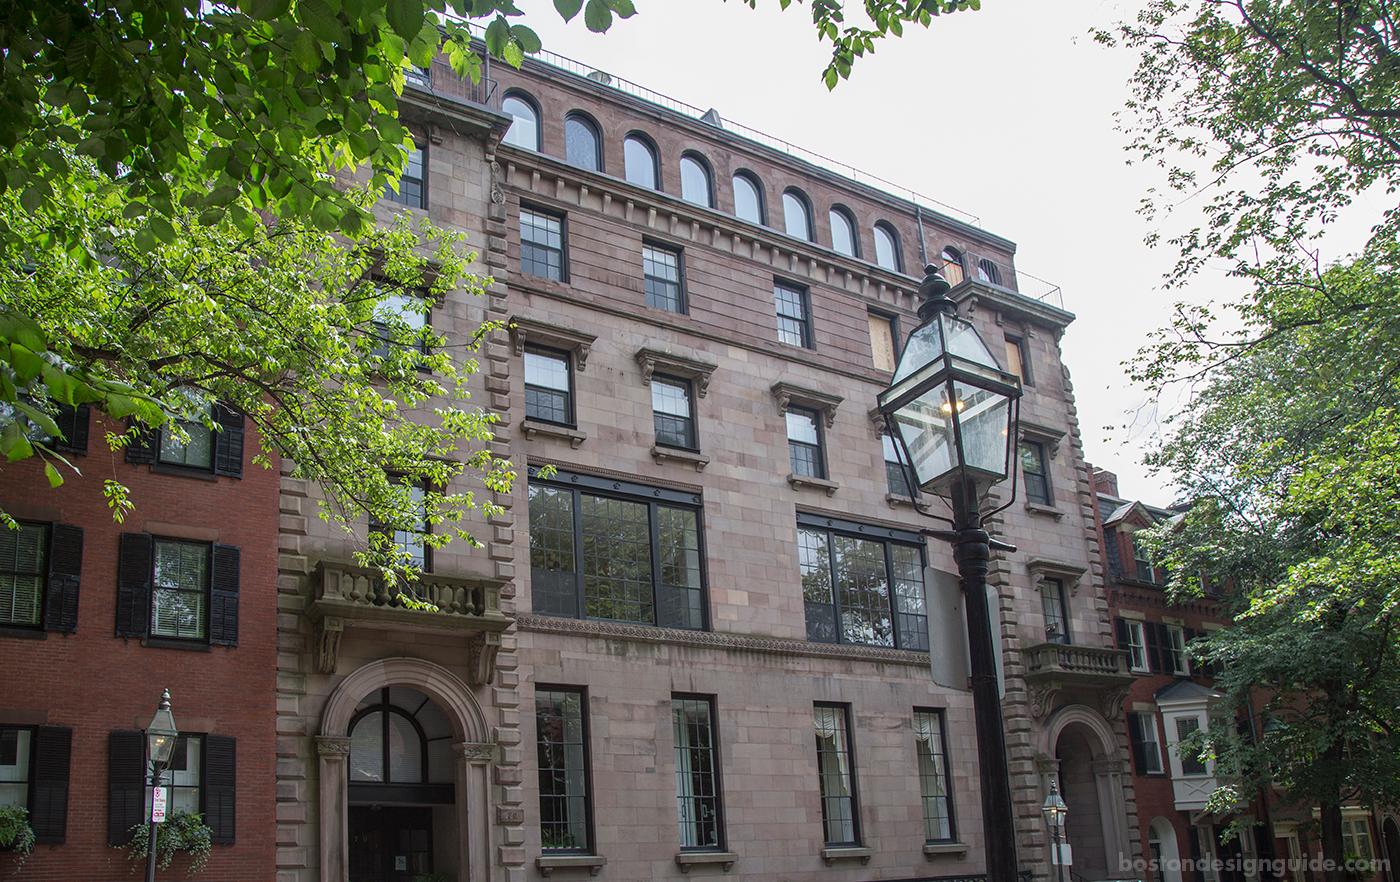 High-end Boston townhome renovation